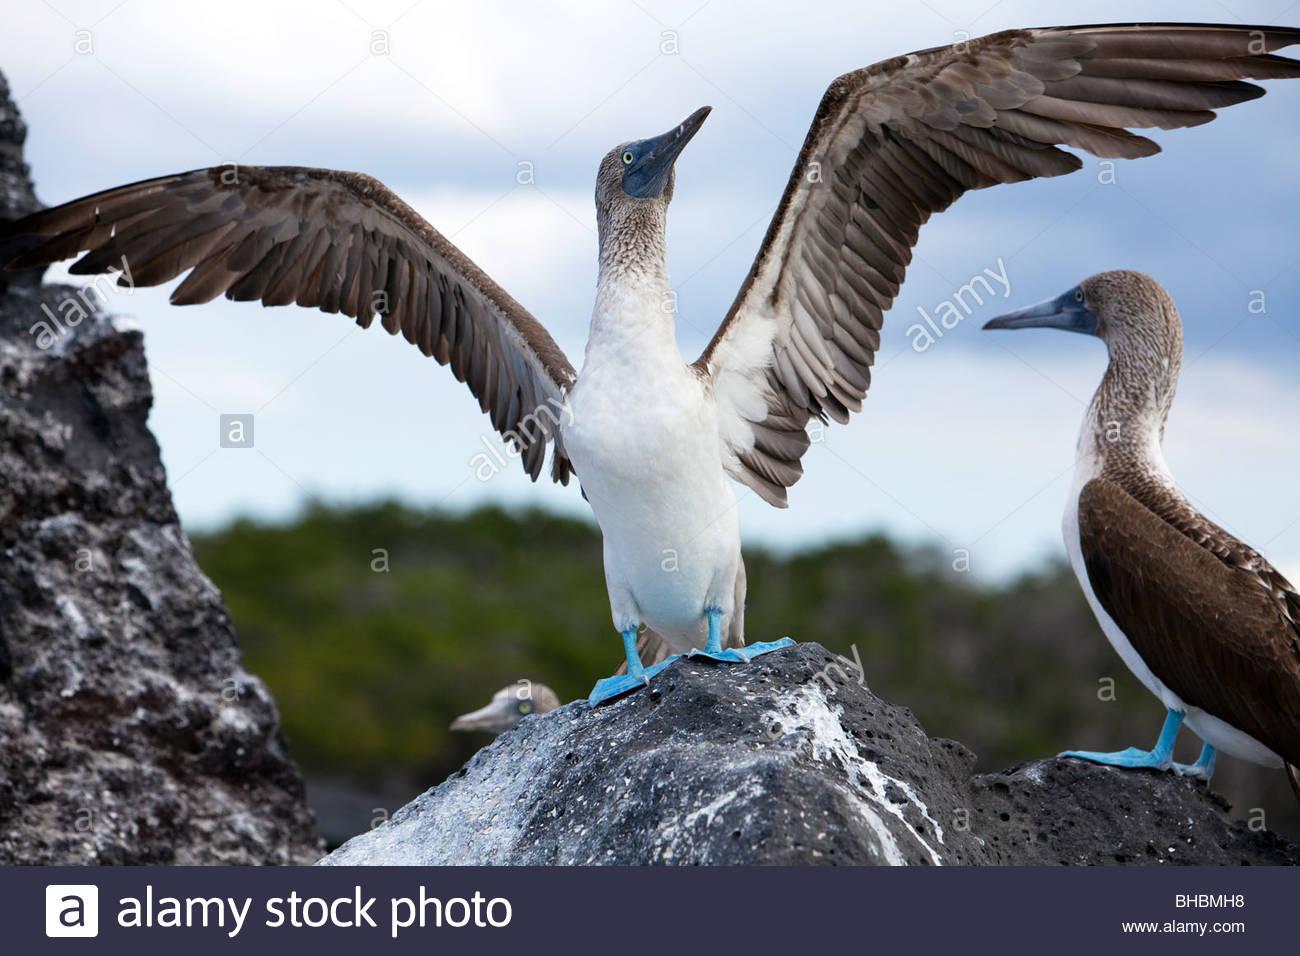 Archipiélago de animales aves aves archipelo piquero piqueros de patas azules piqueros Ecuador Galapagos isla Imagen De Stock